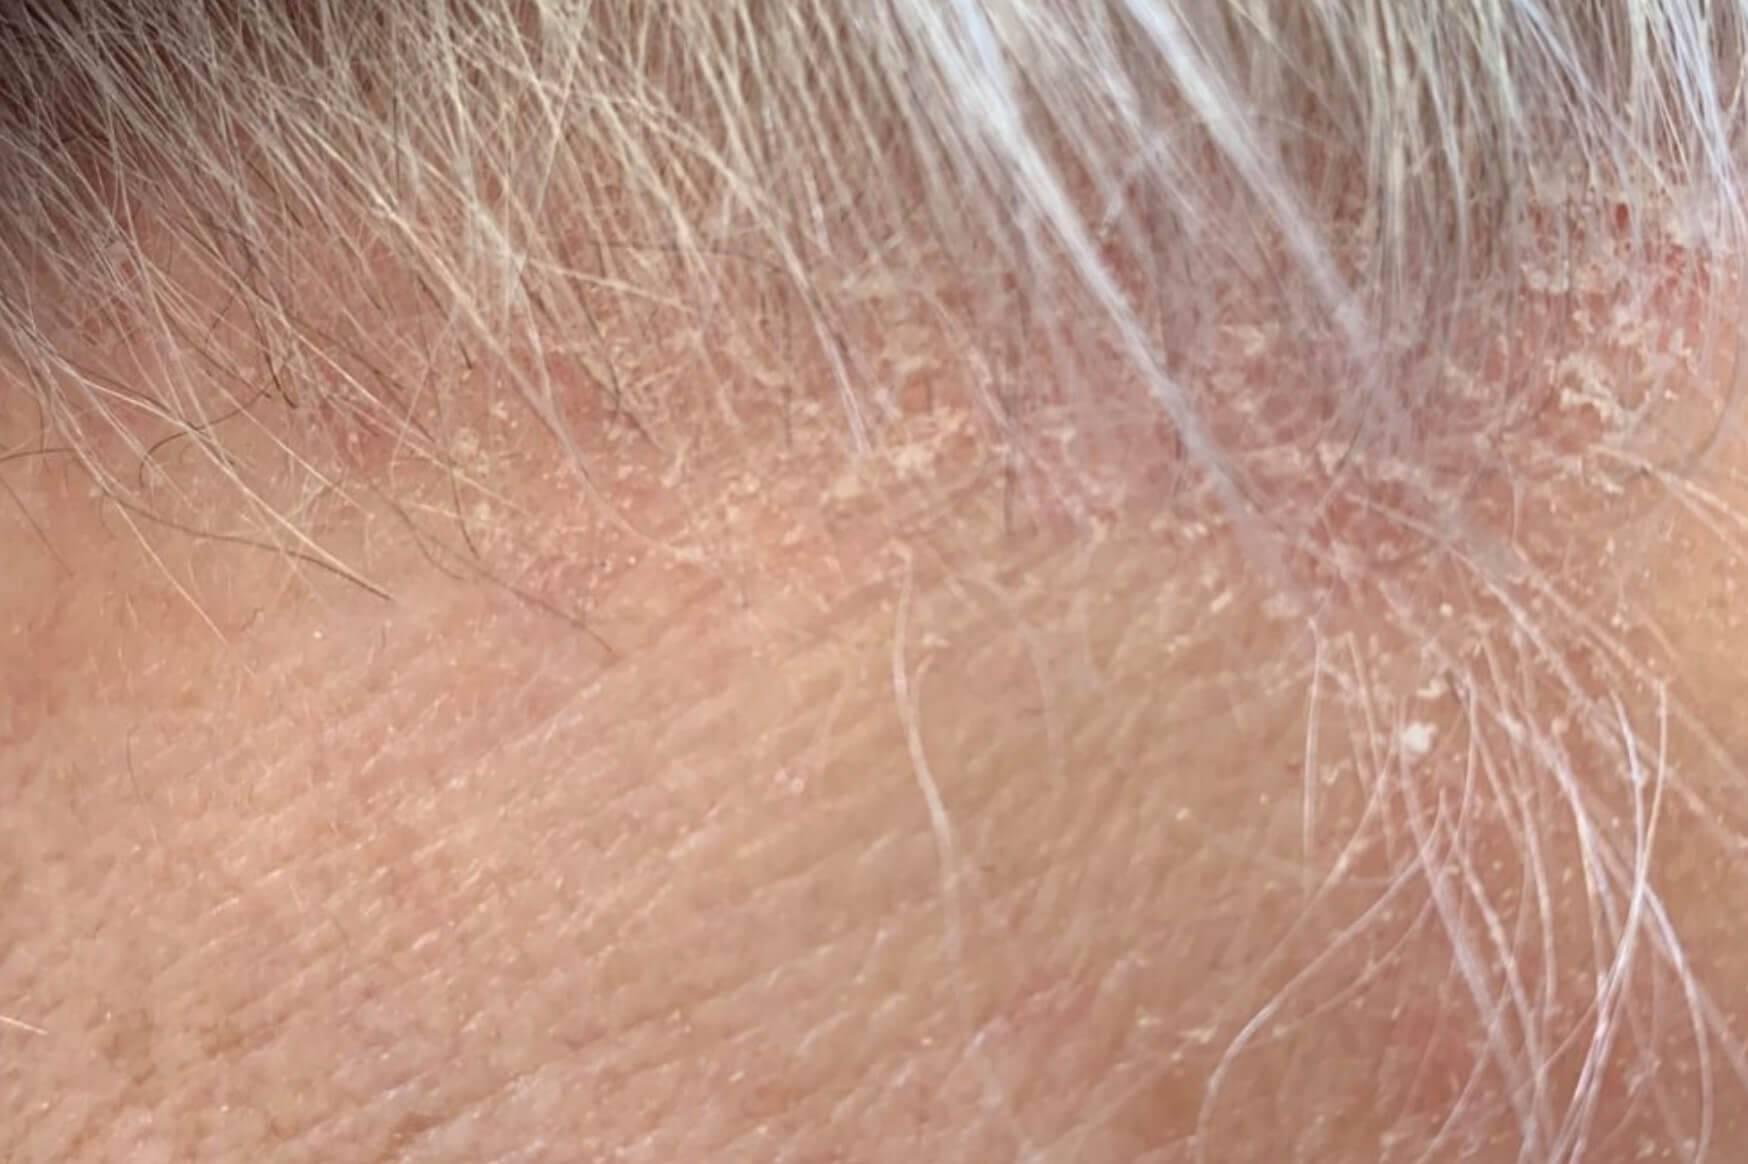 дерматит в голове